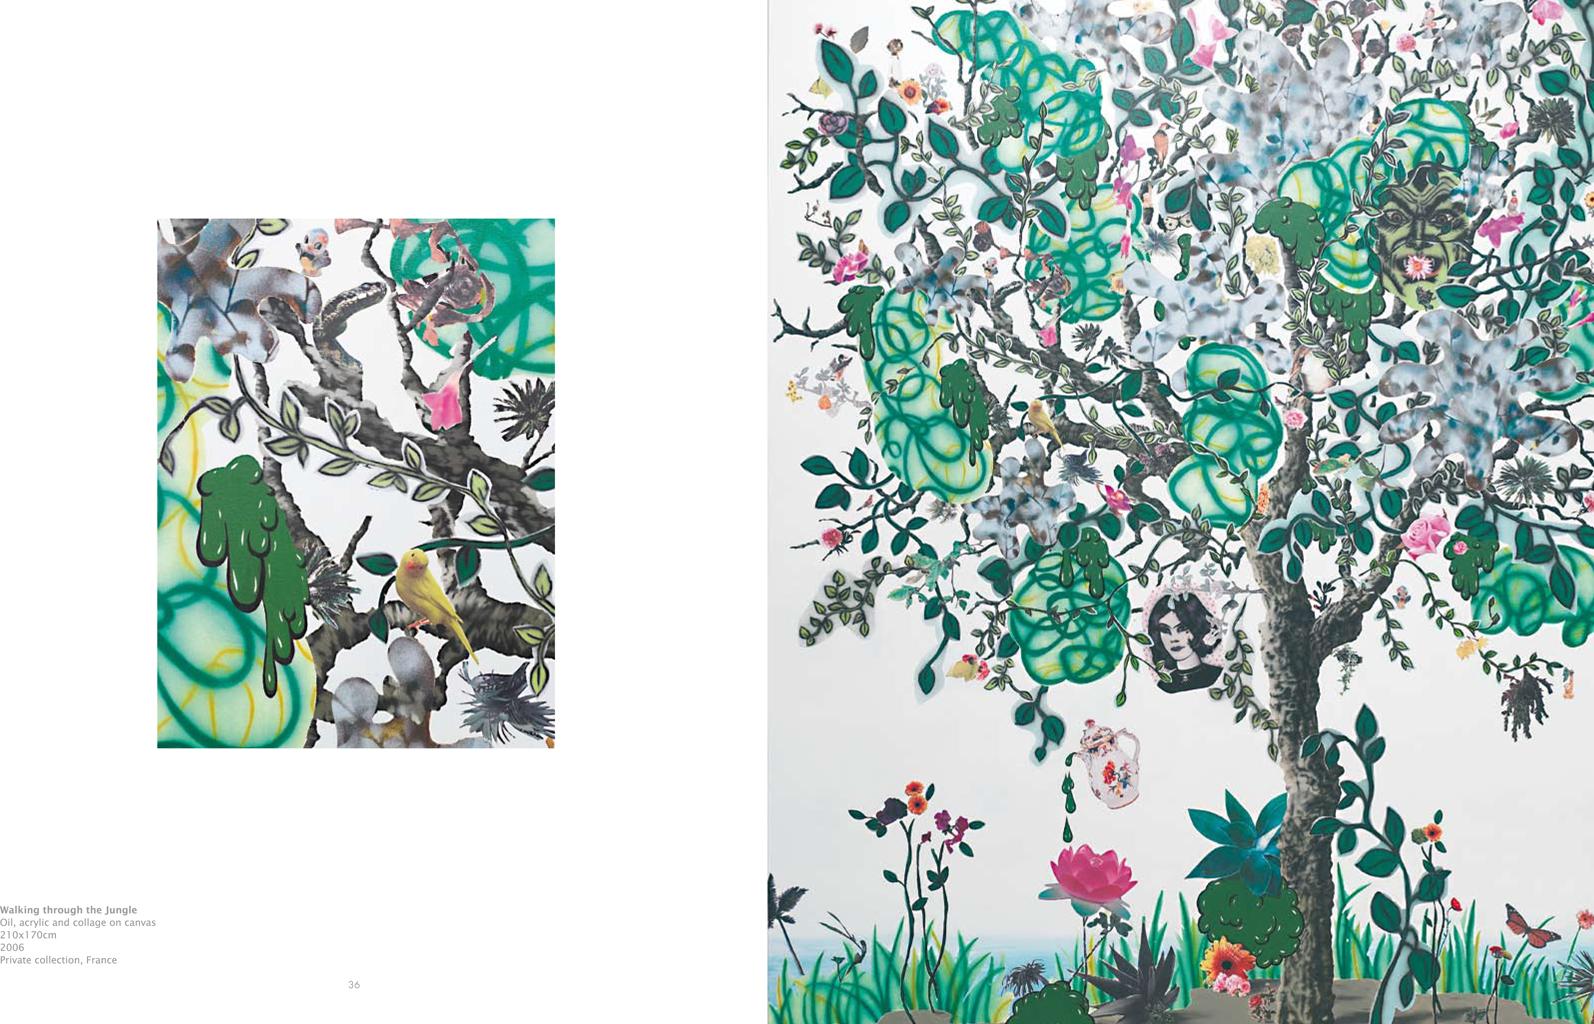 catalogue Sam Dukan 2009-18.jpg